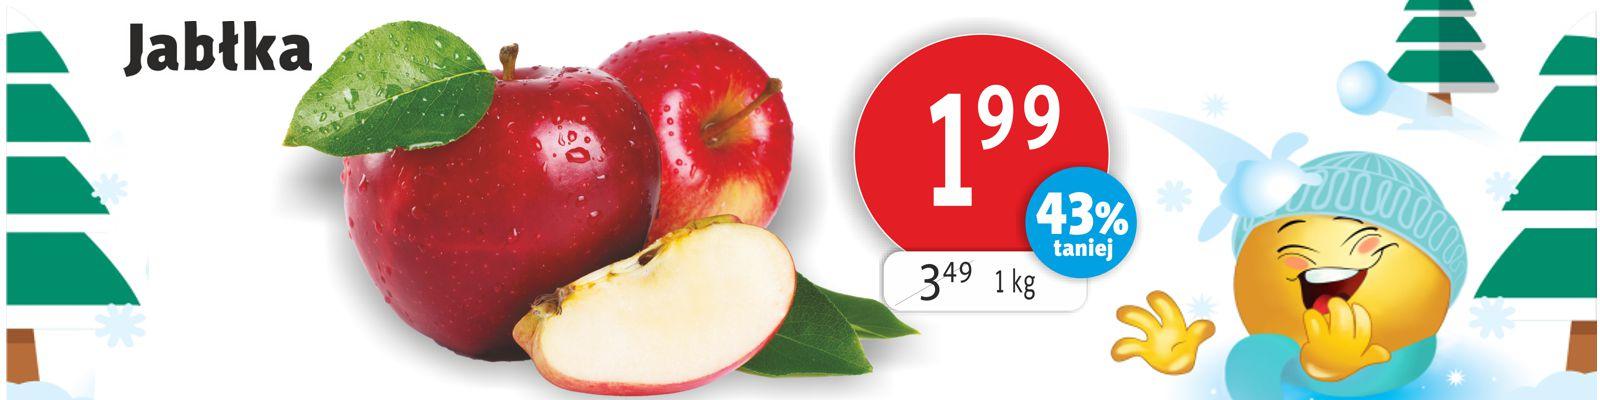 Jabłka 14-20.01